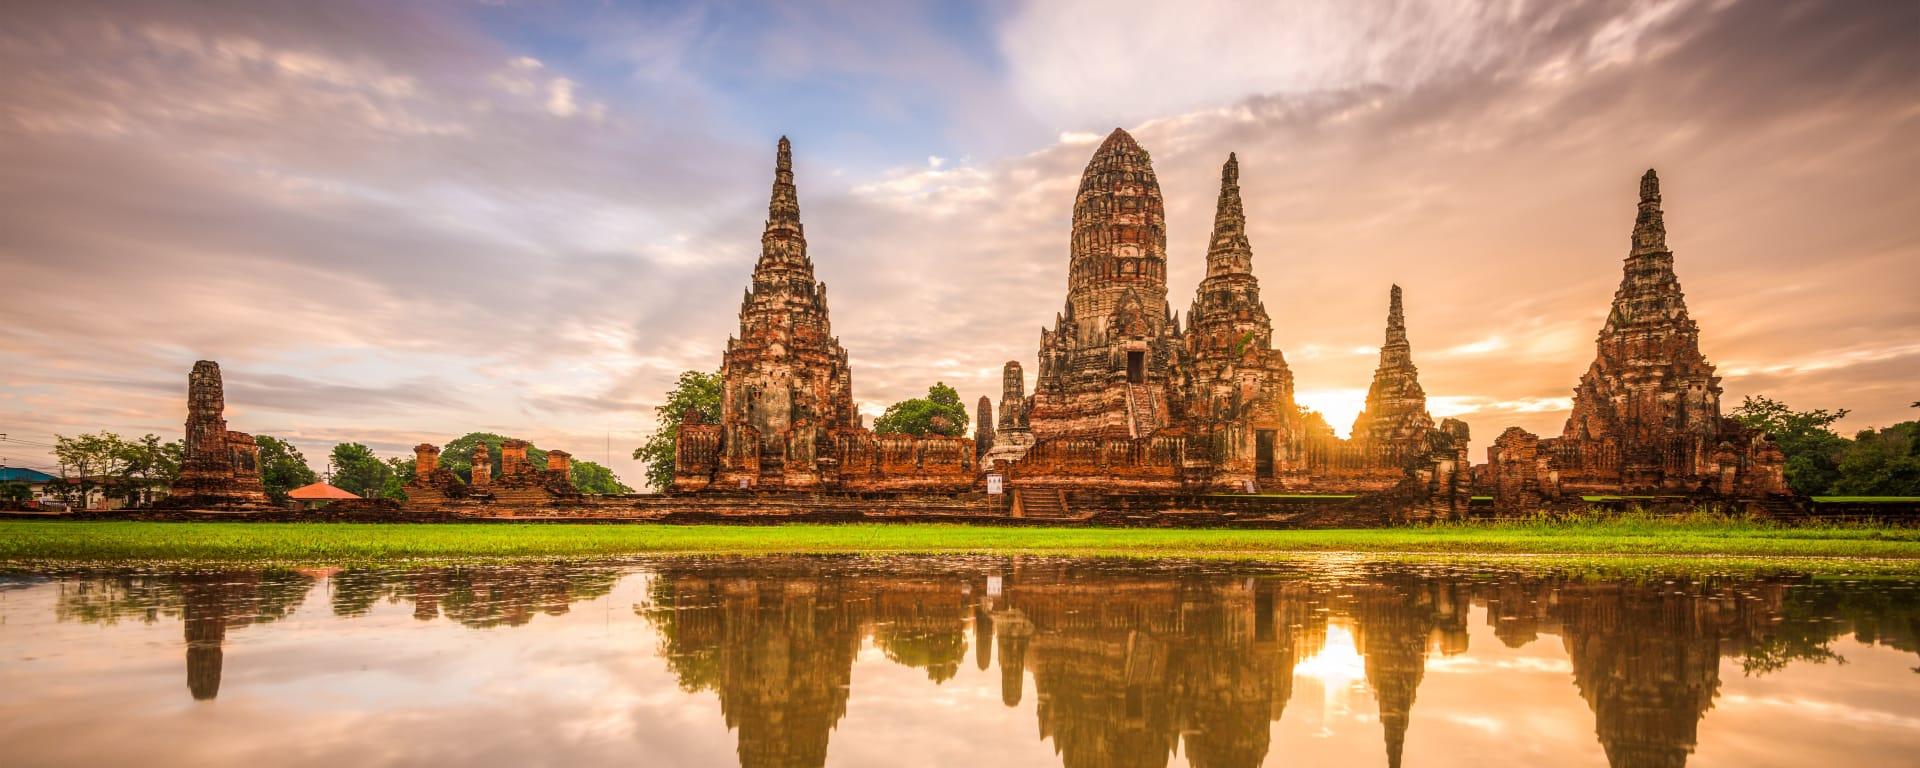 Thailand entdecken mit Tischler Reisen: Thailand Ayutthaya Wat Chaiwatthanaram